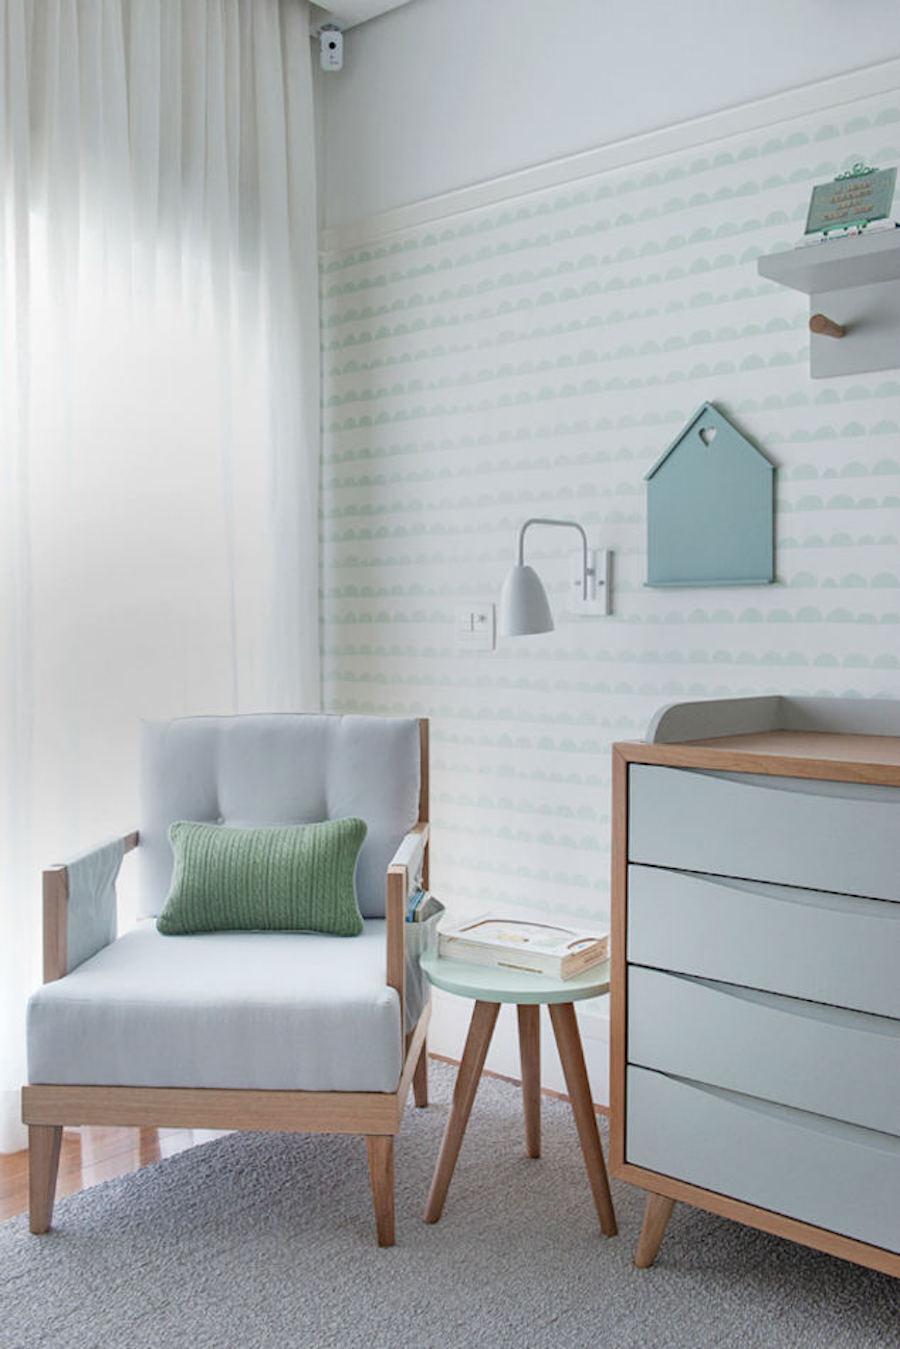 Tienda online telas papel dulce dormitorio de bebe color verde menta - Sillones habitacion bebe ...